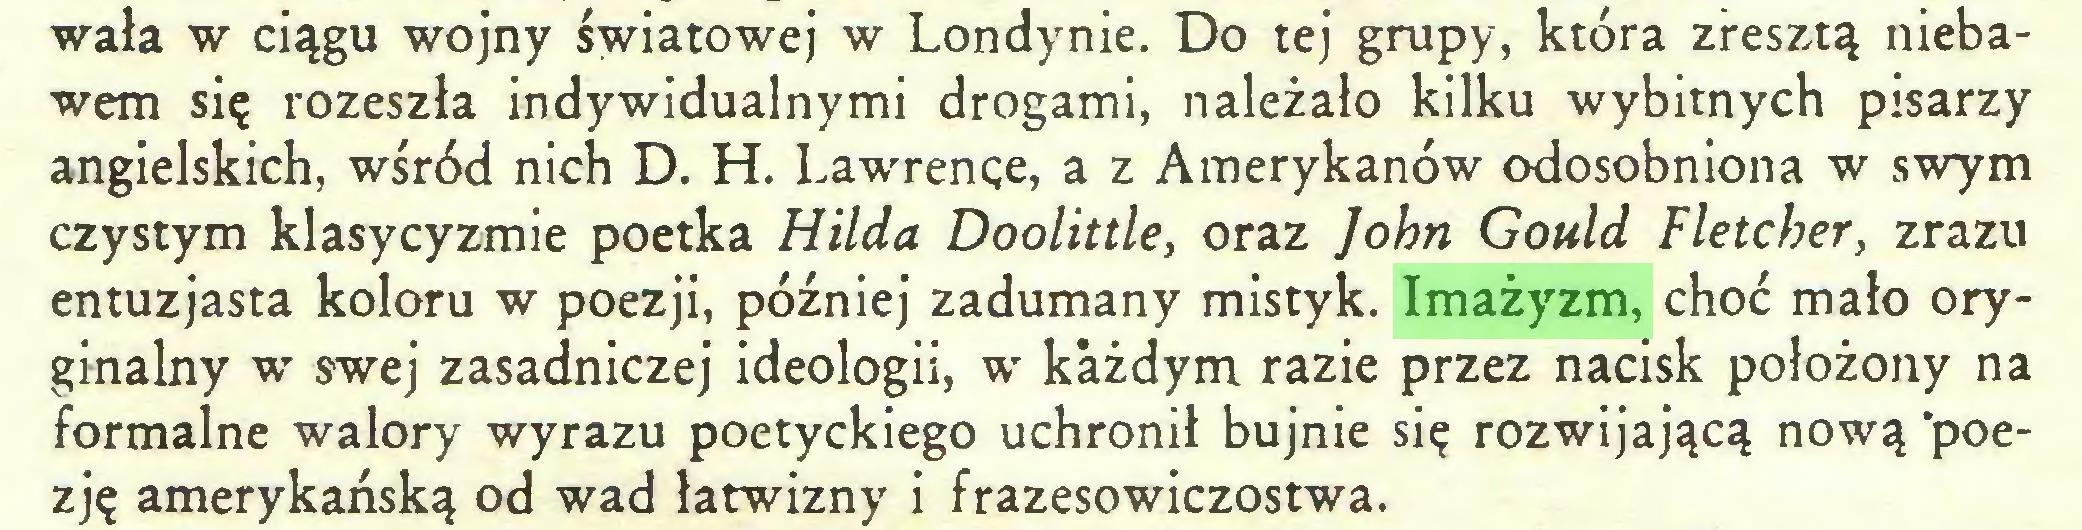 (...) wała w ciągu wojny światowej w Londynie. Do tej grupy, która zresztą niebawem się rozeszła indywidualnymi drogami, należało kilku wybitnych pisarzy angielskich, wśród nich D. H. Lawrence, a z Amerykanów odosobniona w swym czystym klasycyzmie poetka Hilda Doolittle, oraz John Gould Fletcher, zrazu entuzjasta koloru w poezji, później zadumany mistyk. Imażyzm, choć mało oryginalny w swej zasadniczej ideologii, w każdym razie przez nacisk położony na formalne walory wyrazu poetyckiego uchronił bujnie się rozwijającą nową 'poezję amerykańską od wad łatwizny i frazesowiczostwa...